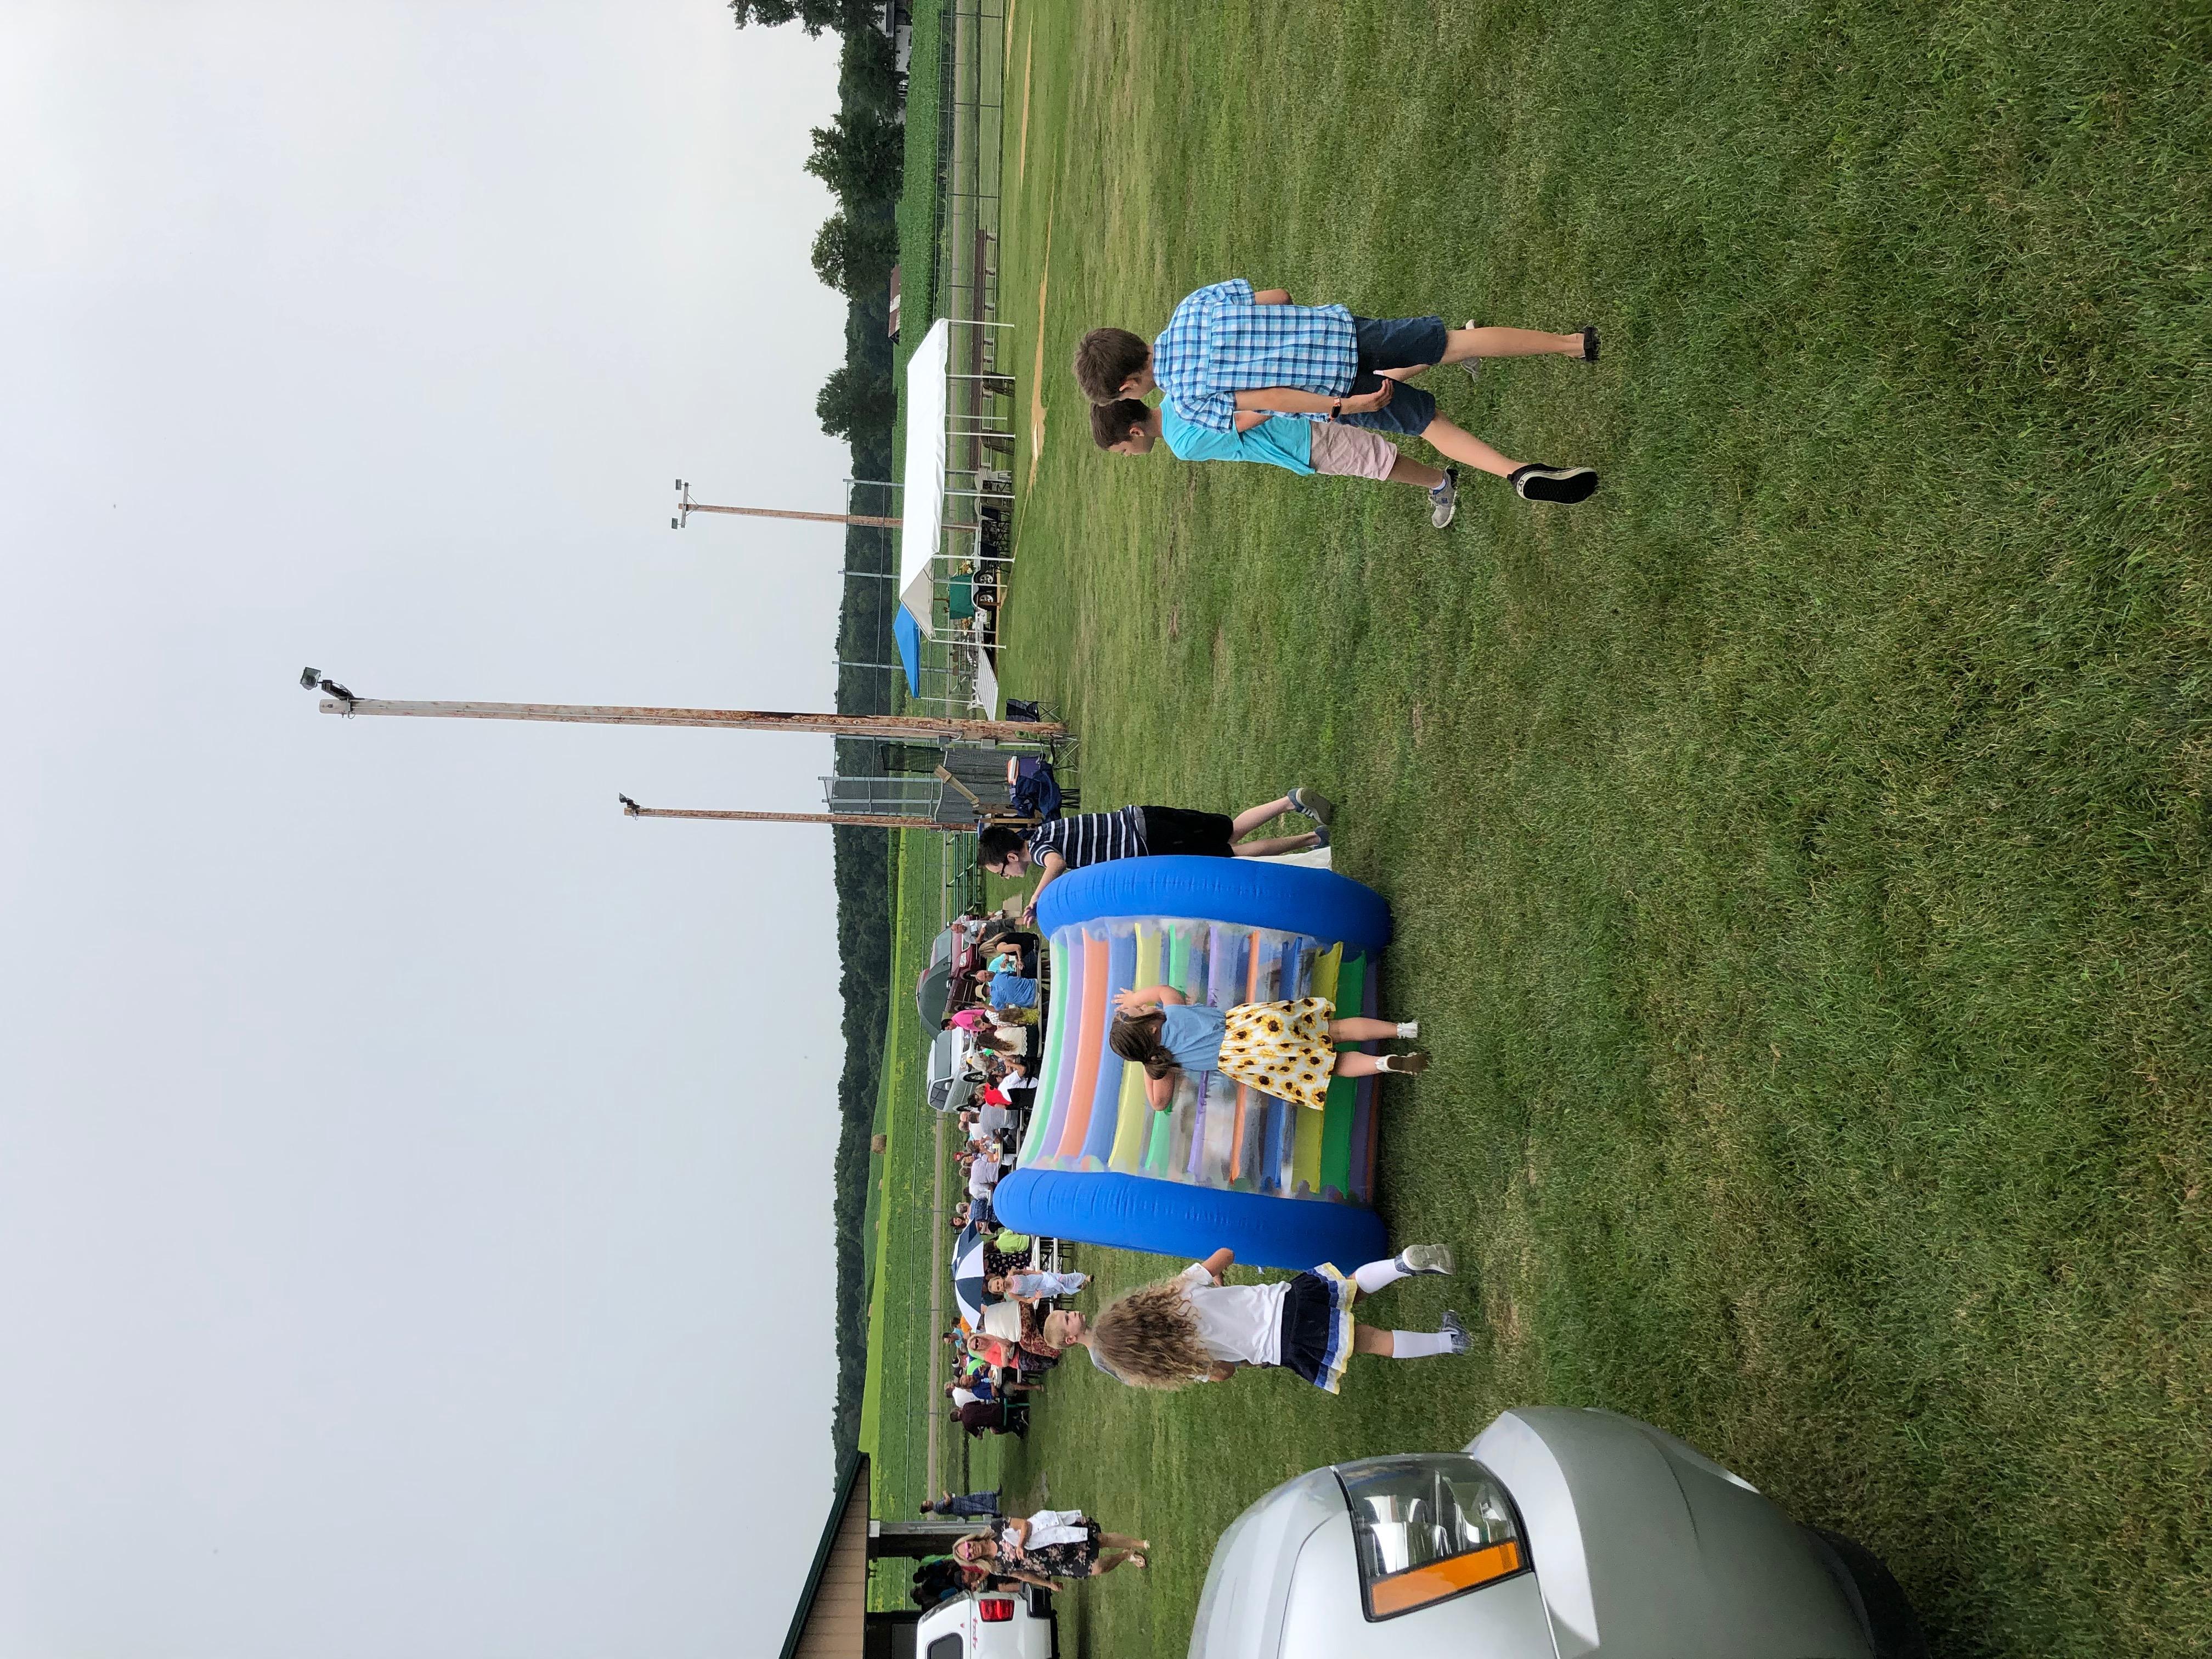 outdoor worship kids playing 2